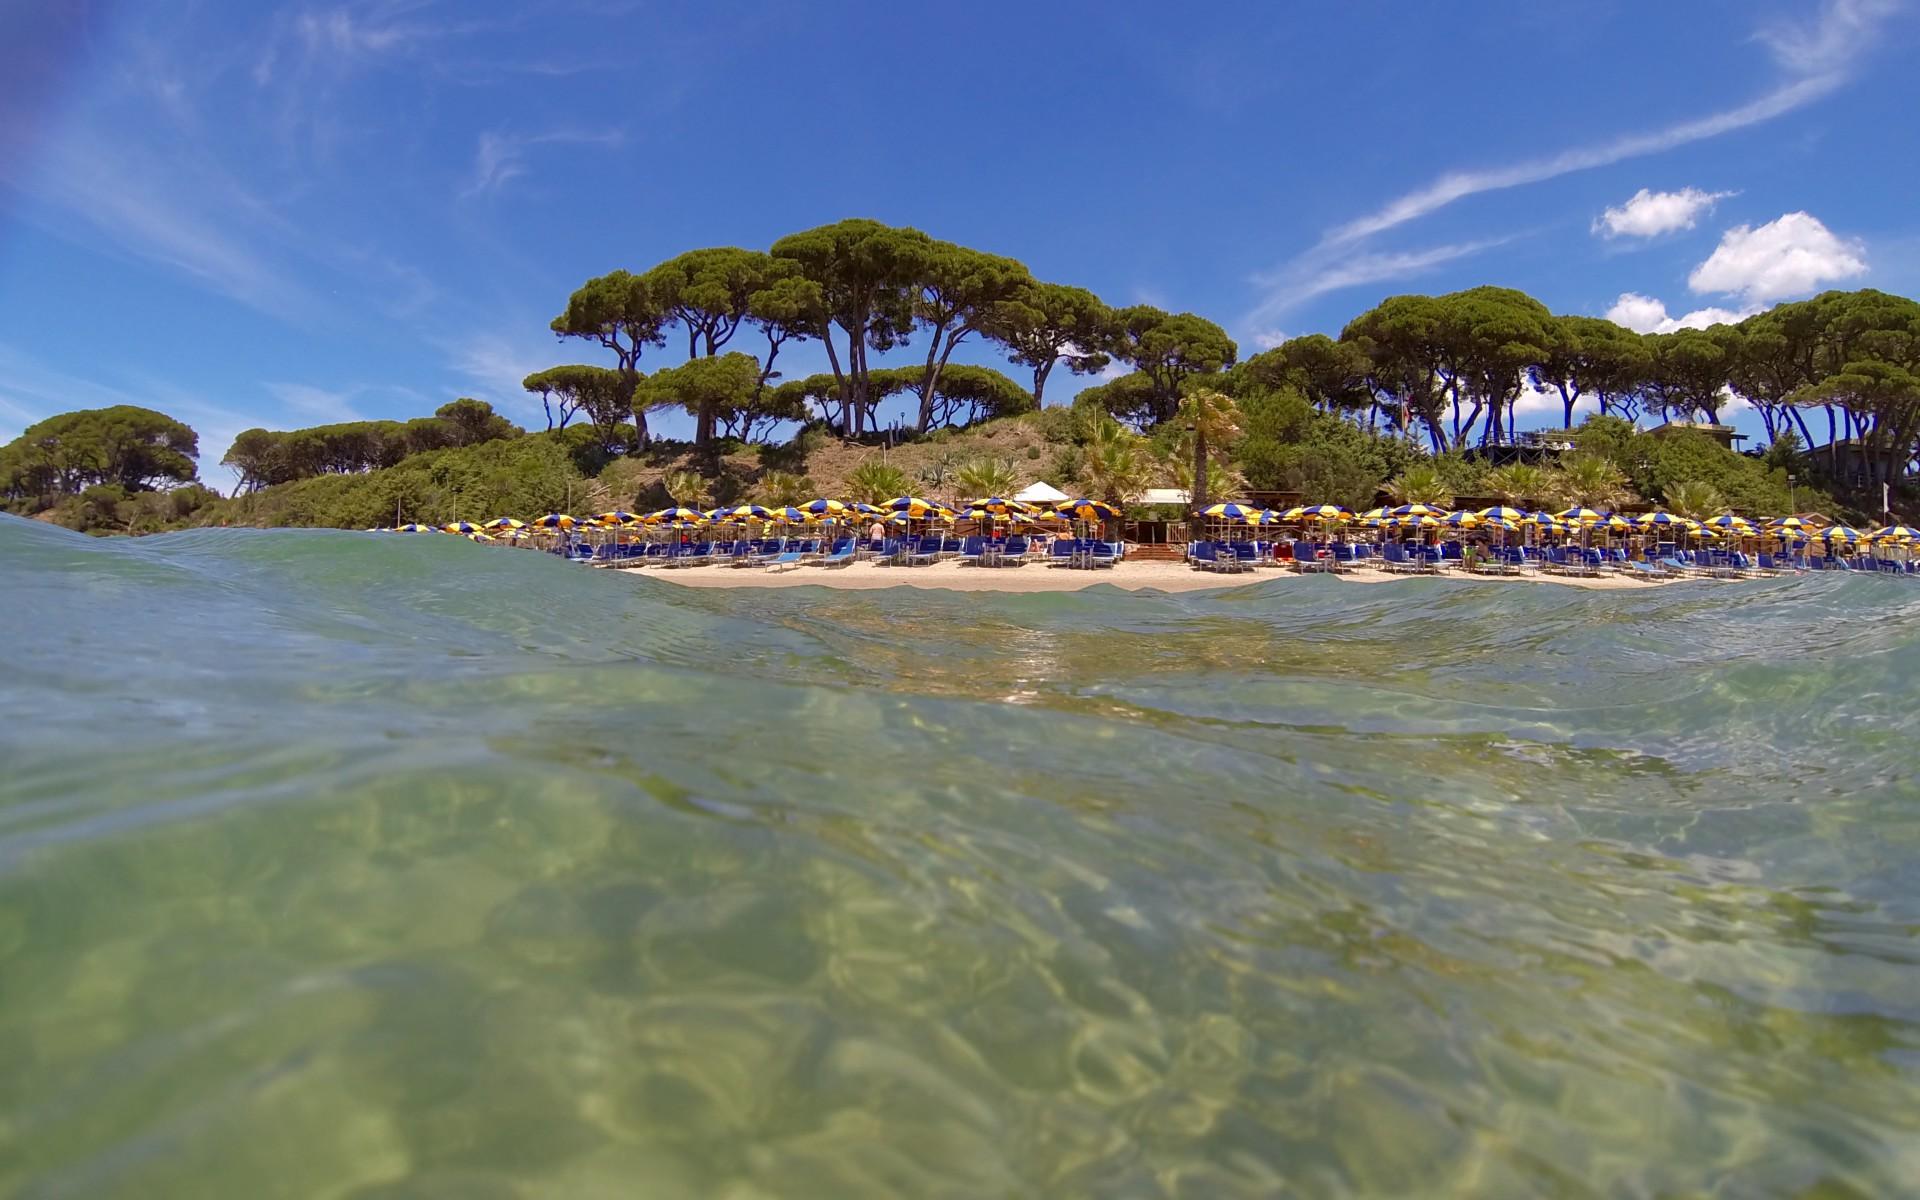 Giardino Beach